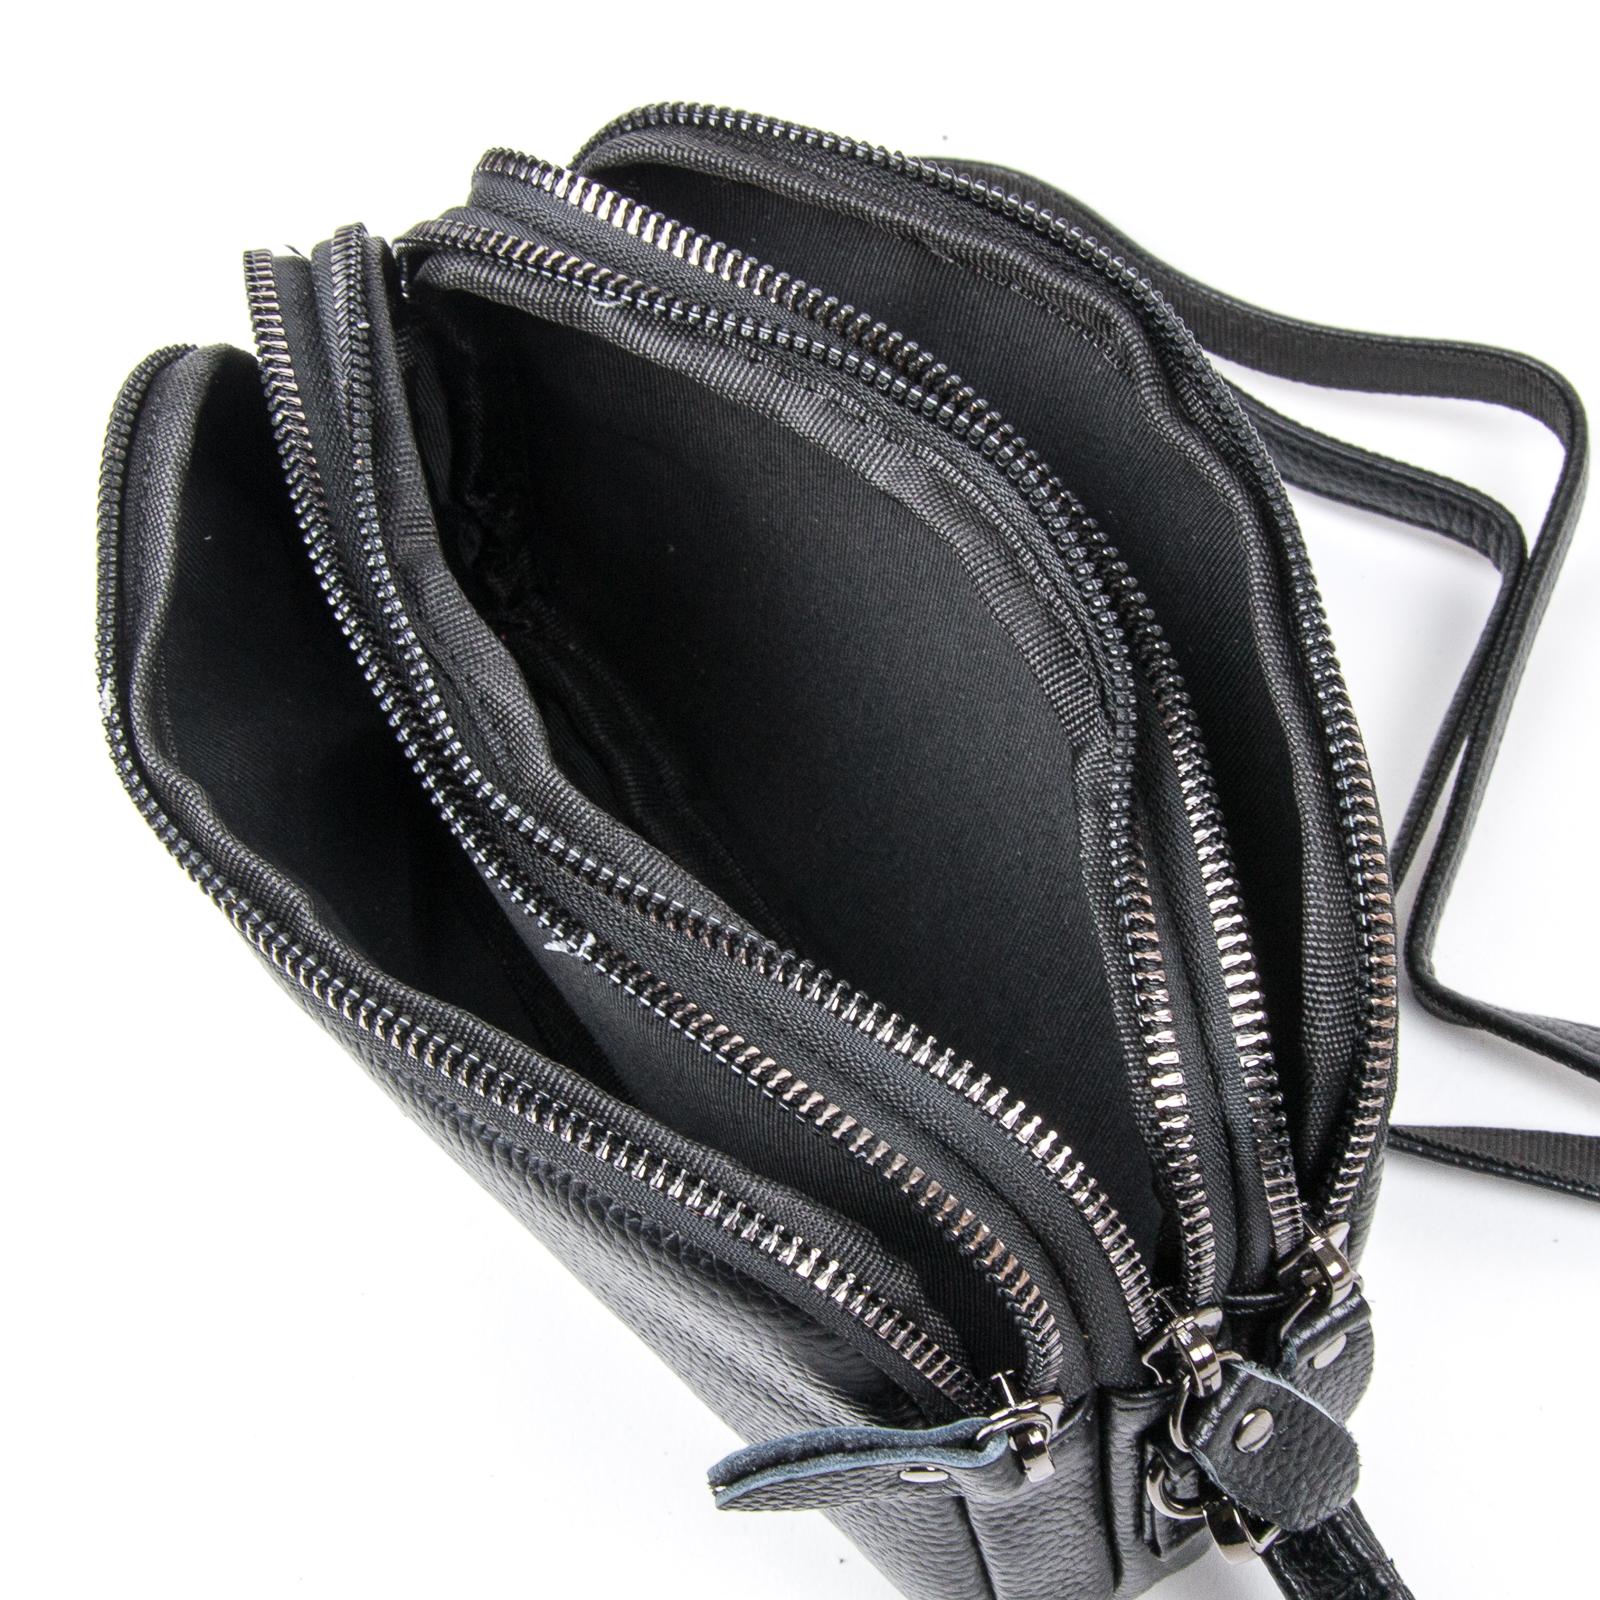 Сумка Женская Клатч кожа ALEX RAI 1-02 60061-1 black - фото 4